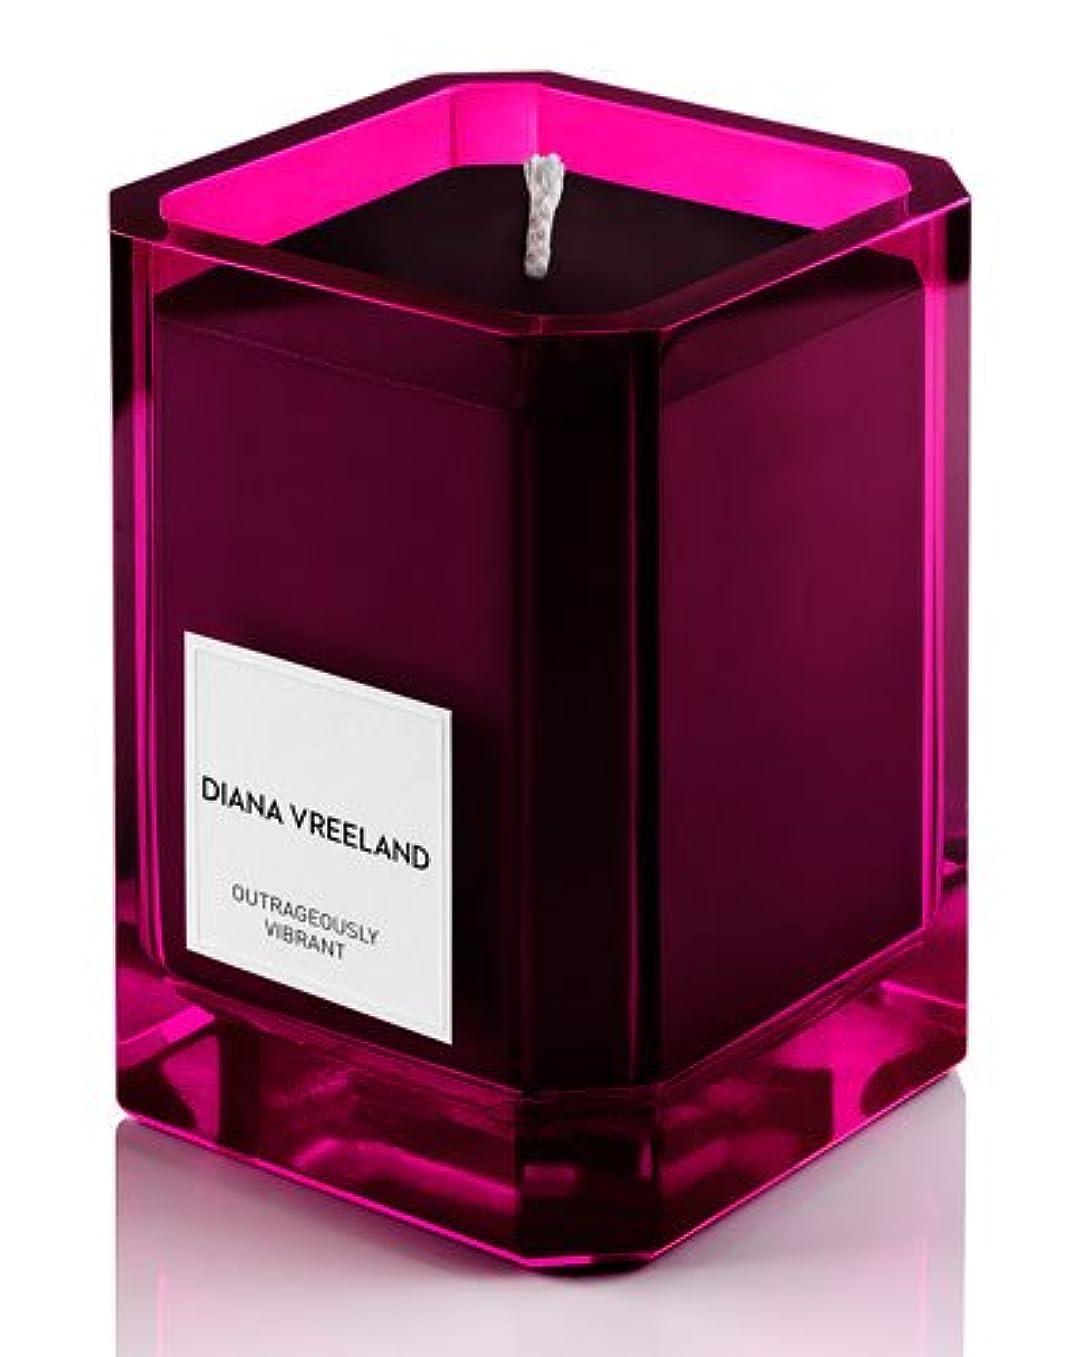 着服こどもセンター不振Diana Vreeland Outrageously Vibrant(ダイアナ ヴリーランド アウトレイジャスリー ヴィブラント)9.7 oz (291ml) Candle(香り付きキャンドル)